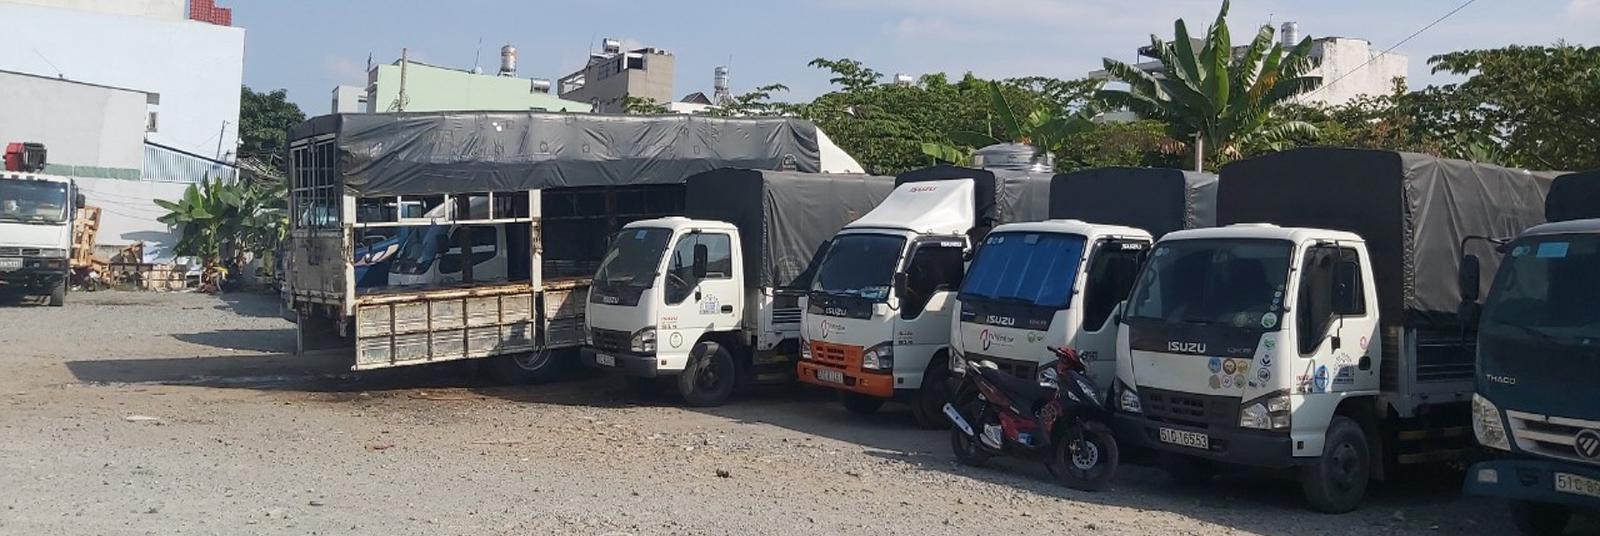 cho thuê xe tải chở hàng tại Quận Thủ Đức